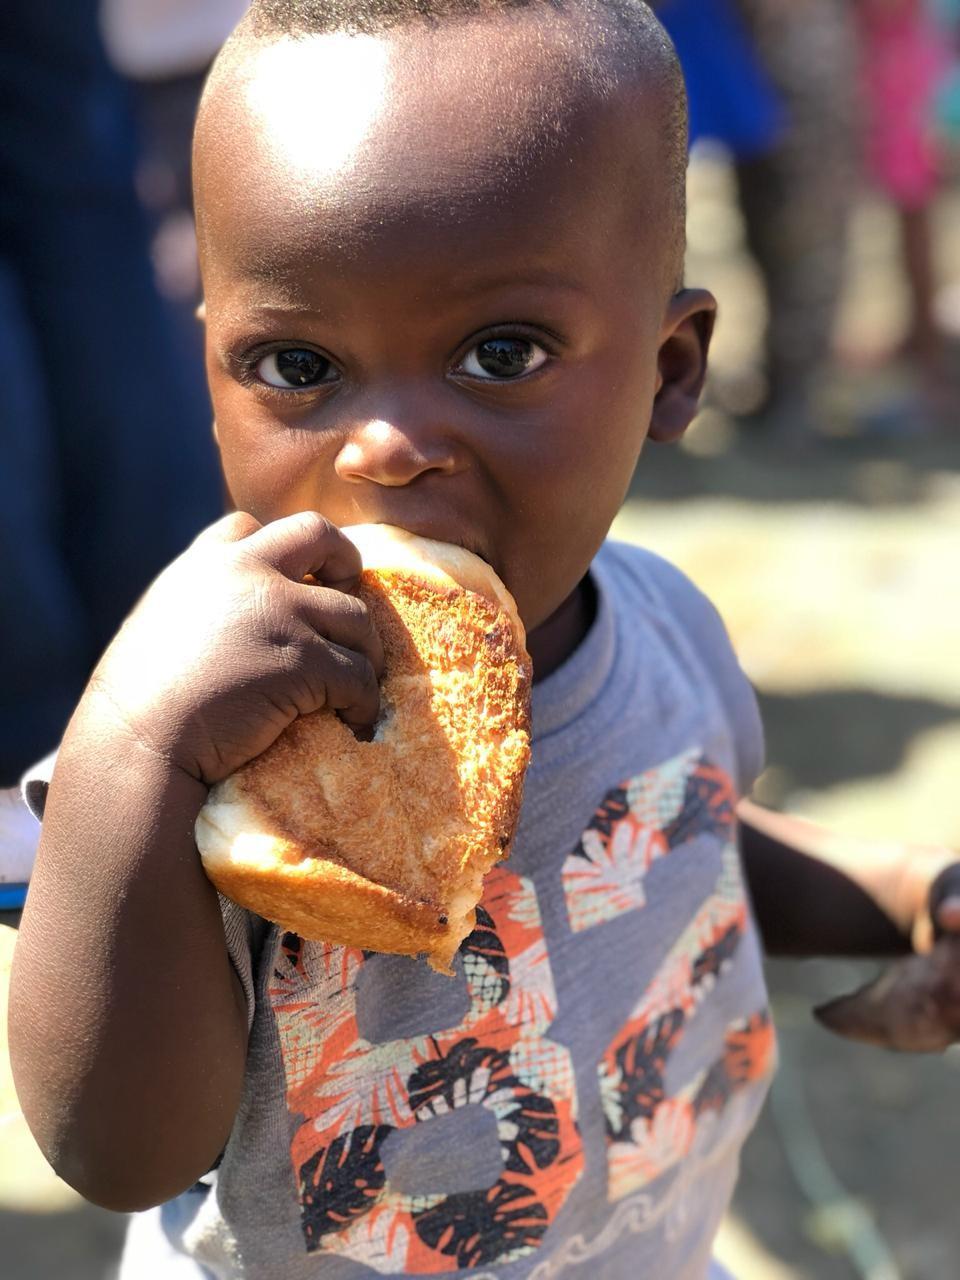 Pão para 120 pessoas por dia